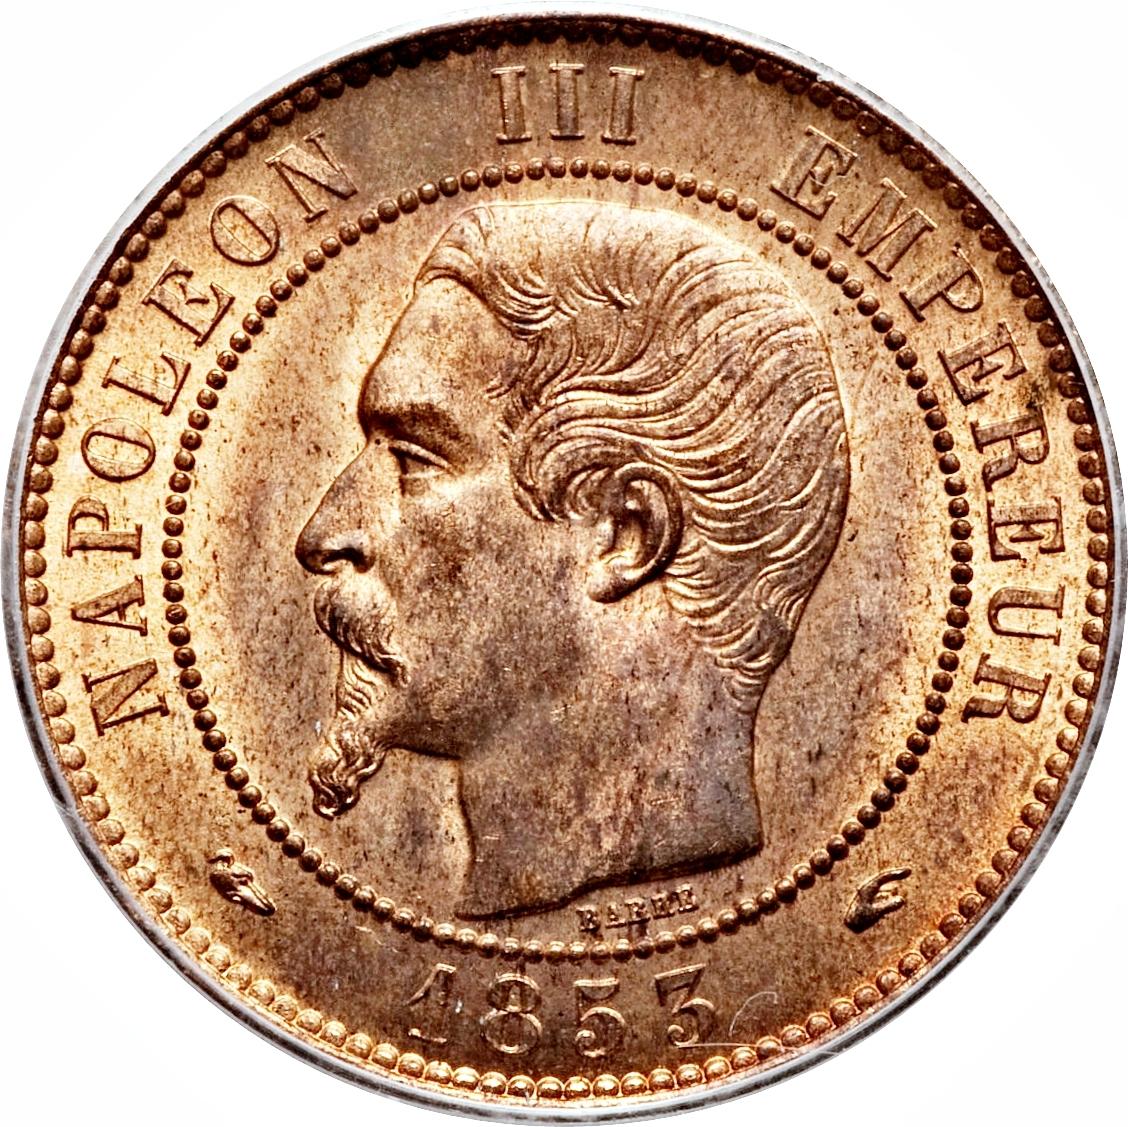 10 centimes napoleon iii france modern numista